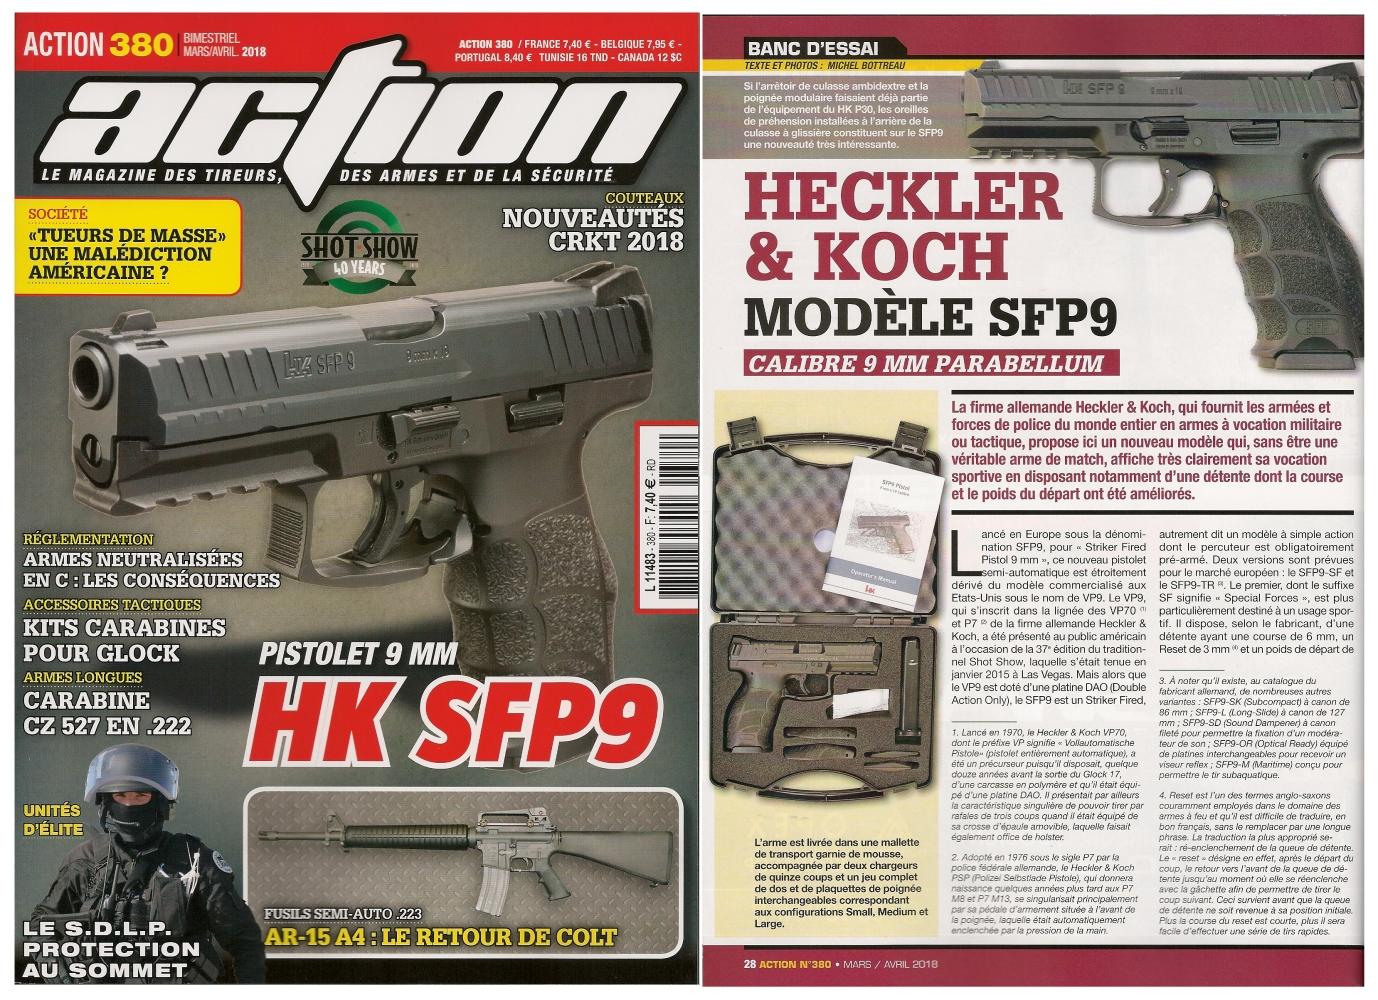 Le banc d'essai du pistolet Heckler & Koch modèle SFP9 a été publié sur 6 pages dans le magazine Action n° 380 (mars/avril 2018).